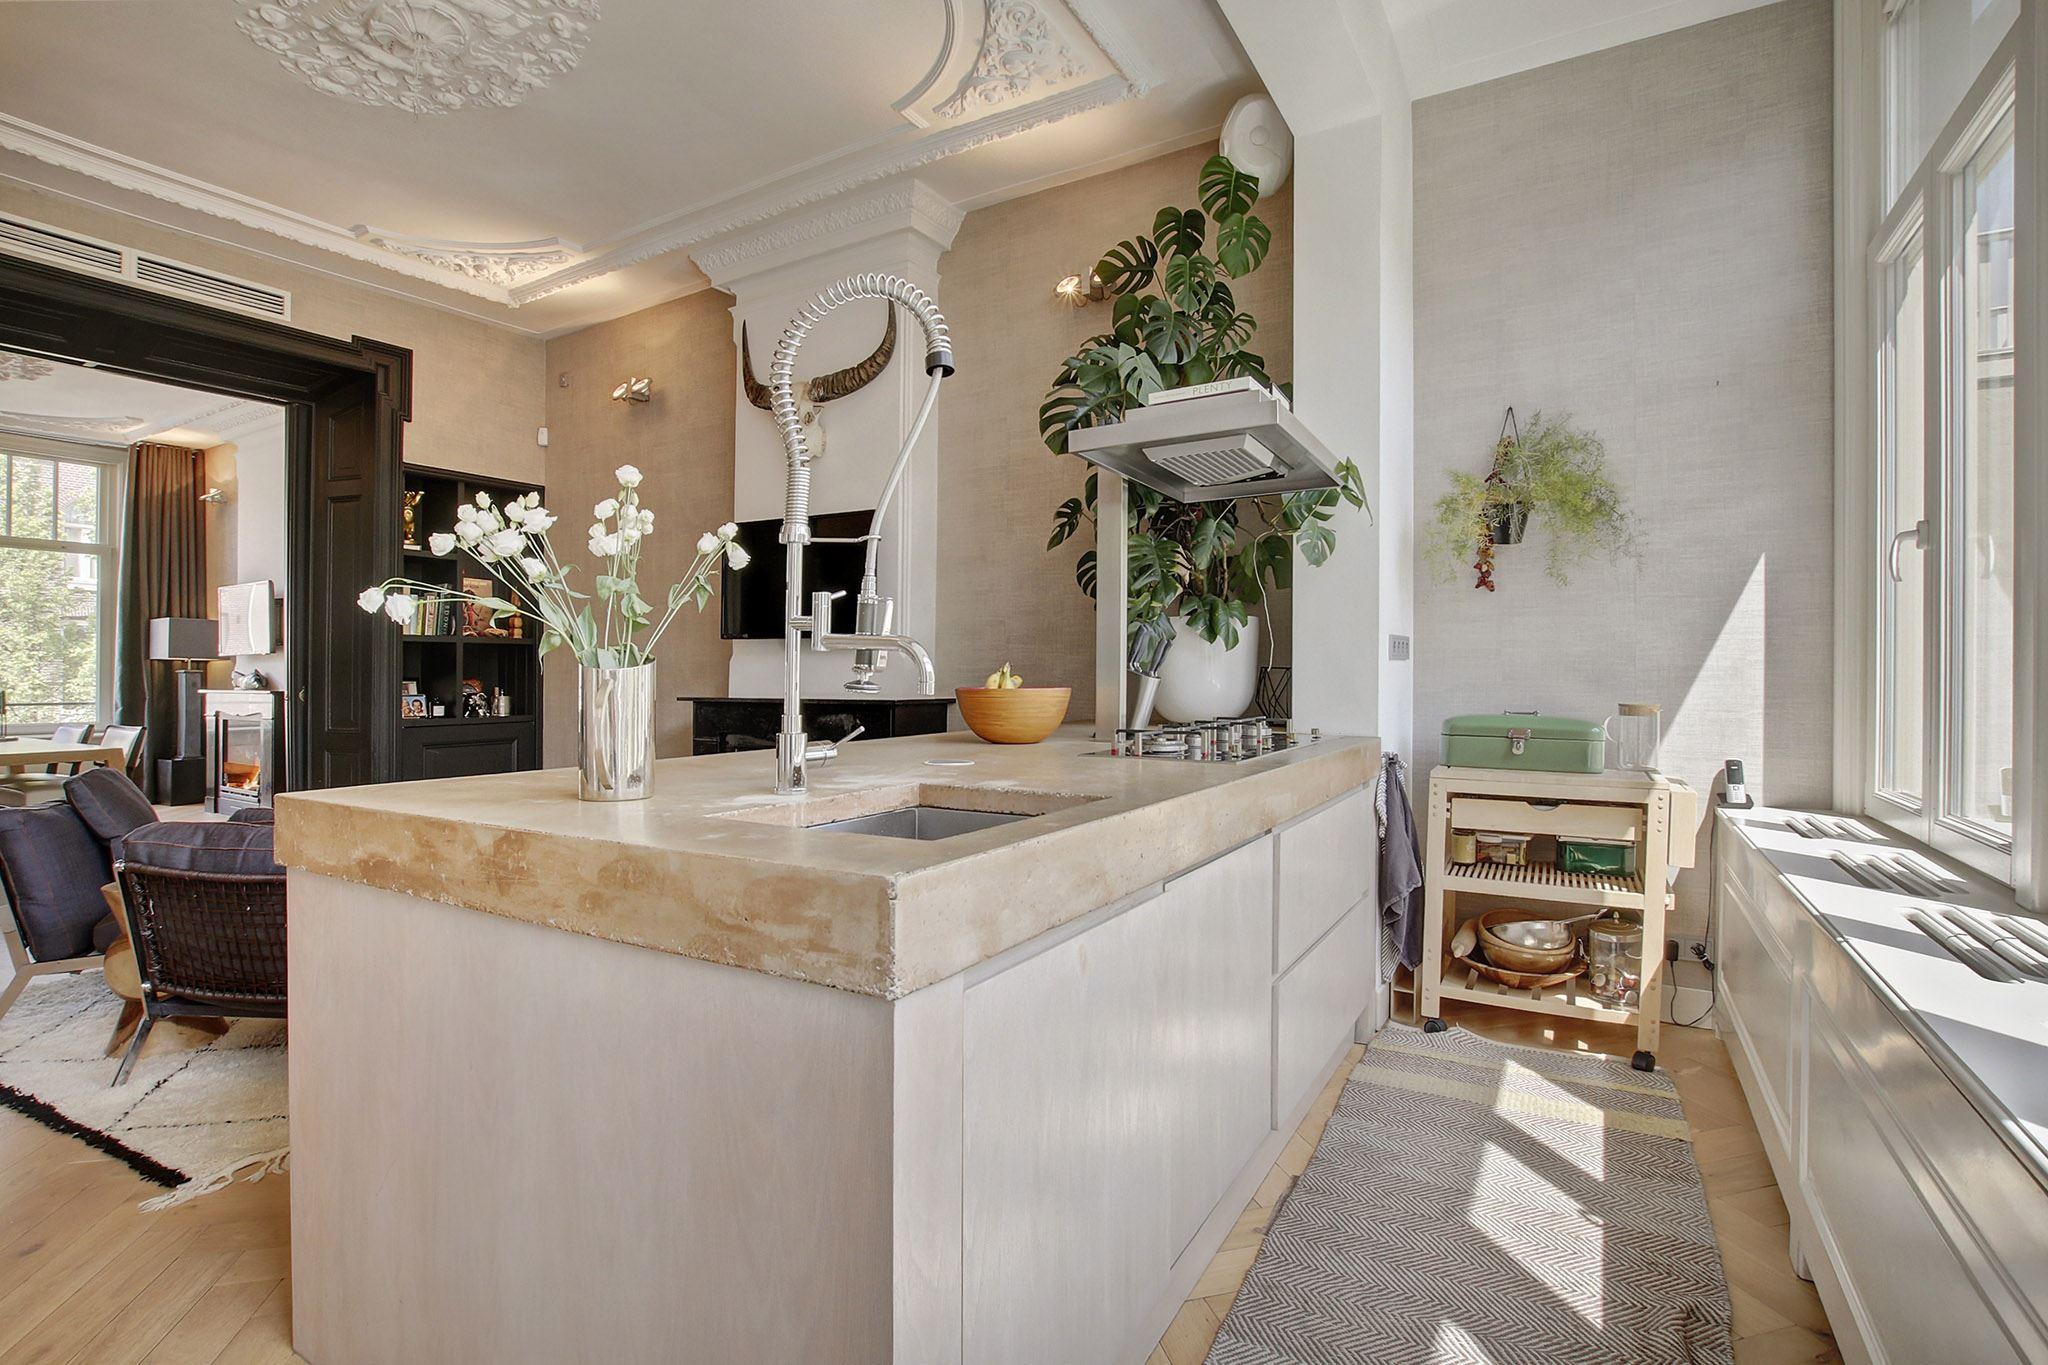 кухня лепнина камин эсмеситель радиатора отопления кухонный остров бетонная столешница мойка смеситель газовая панель выдвижная вытяжка